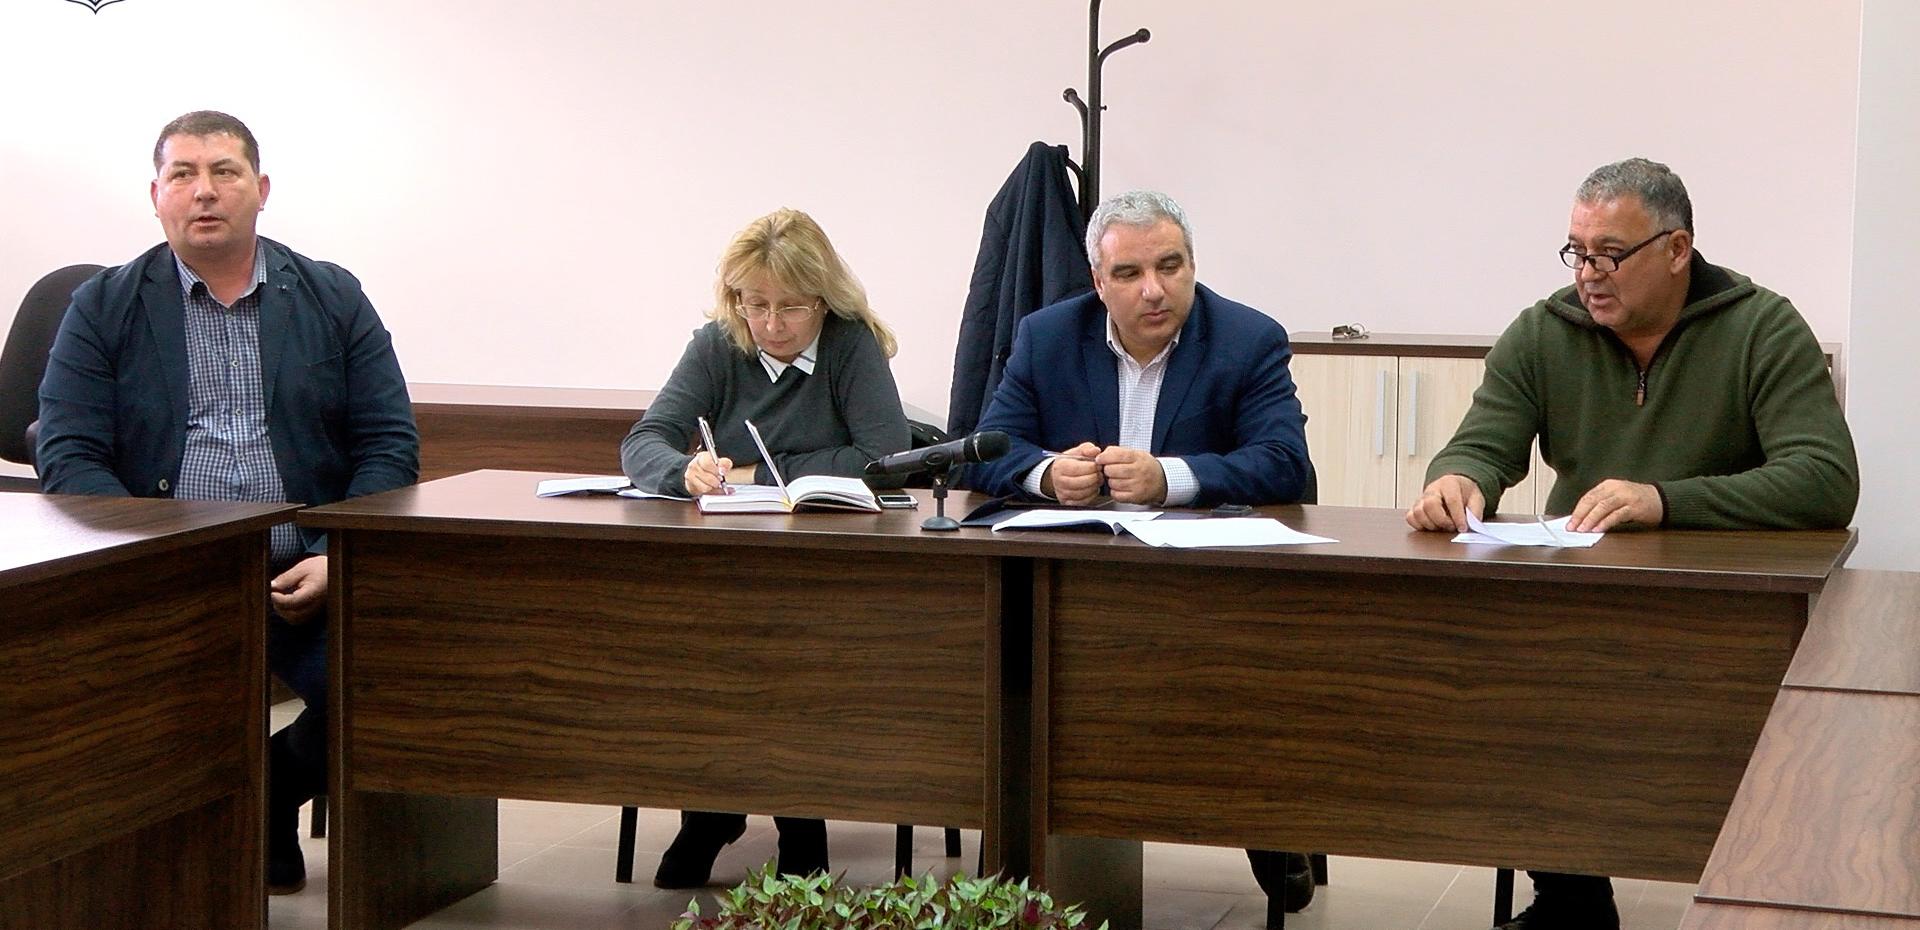 Състояха се обществените обсъждания на проектобюджет 2019  в съставните селища на Община Несебър